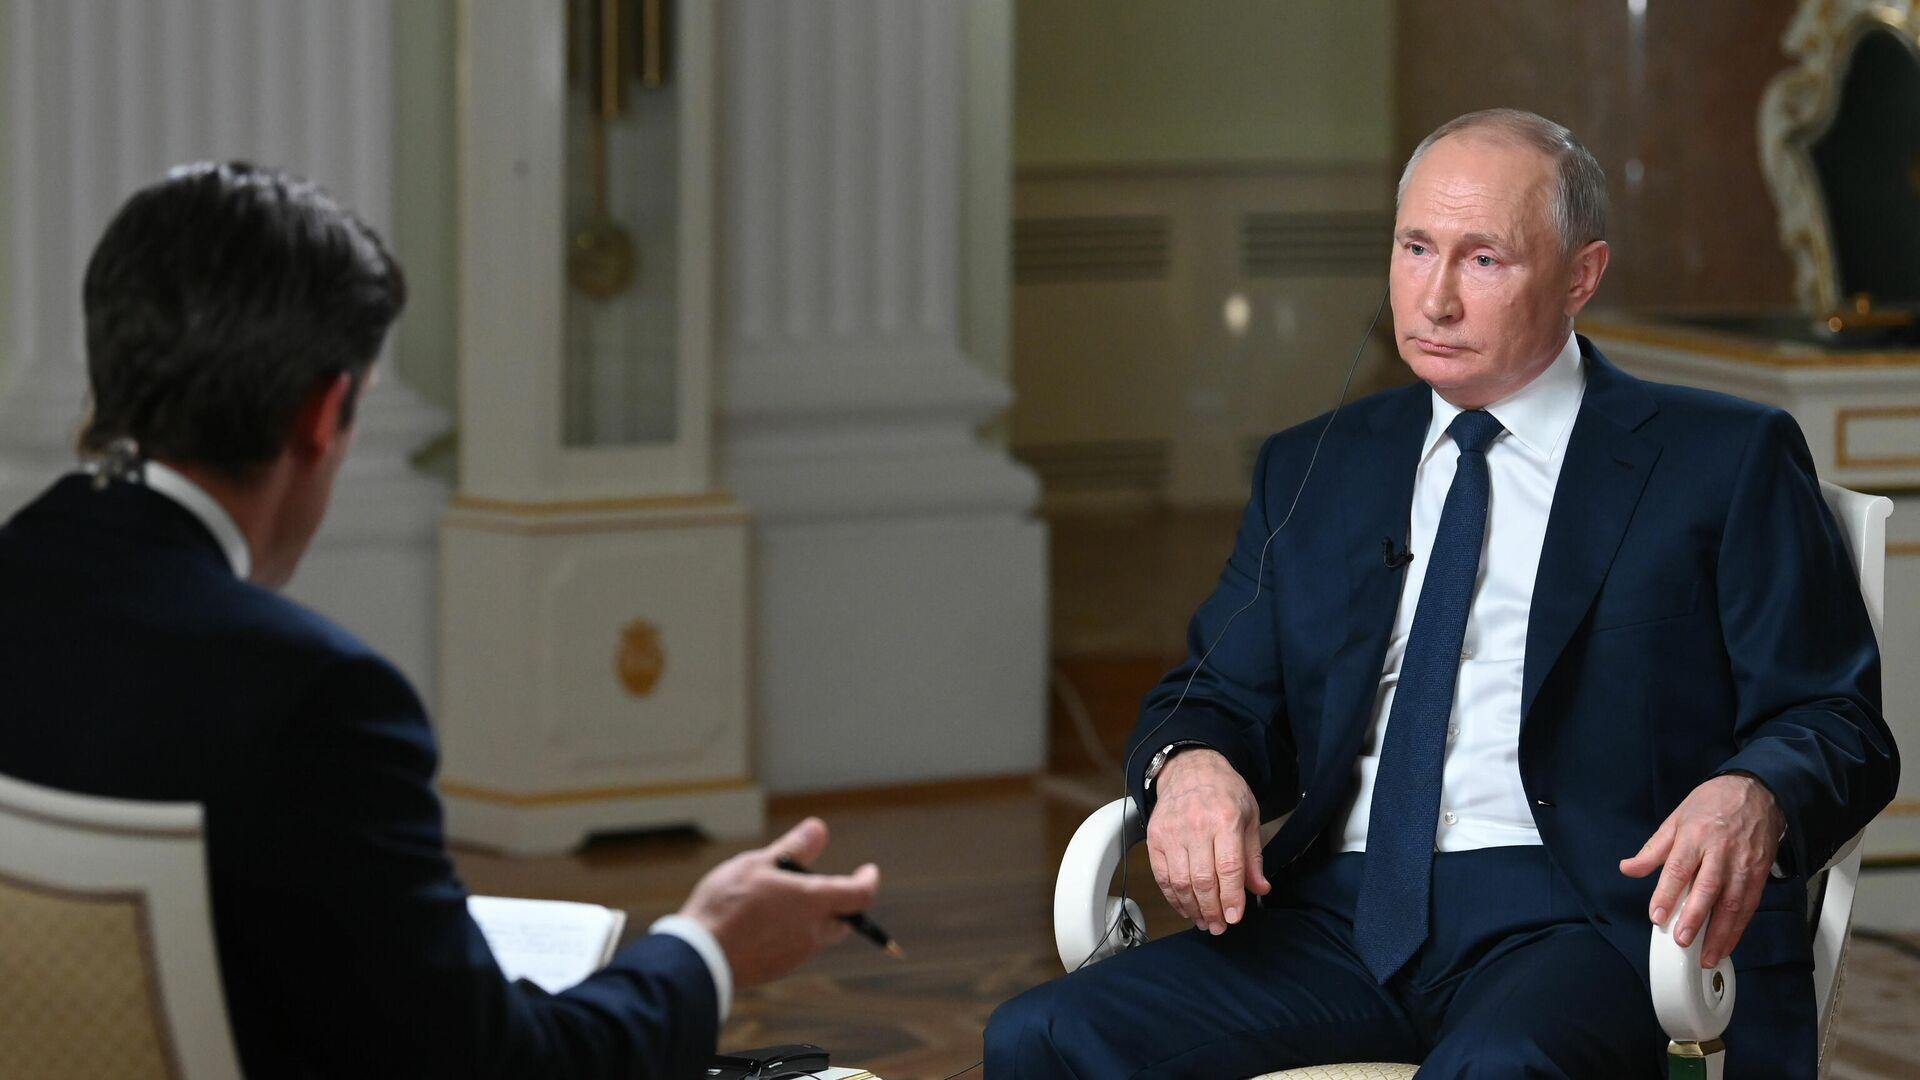 Президент РФ Владимир Путин отвечает на вопросы журналиста телекомпании NBC - РИА Новости, 1920, 14.06.2021